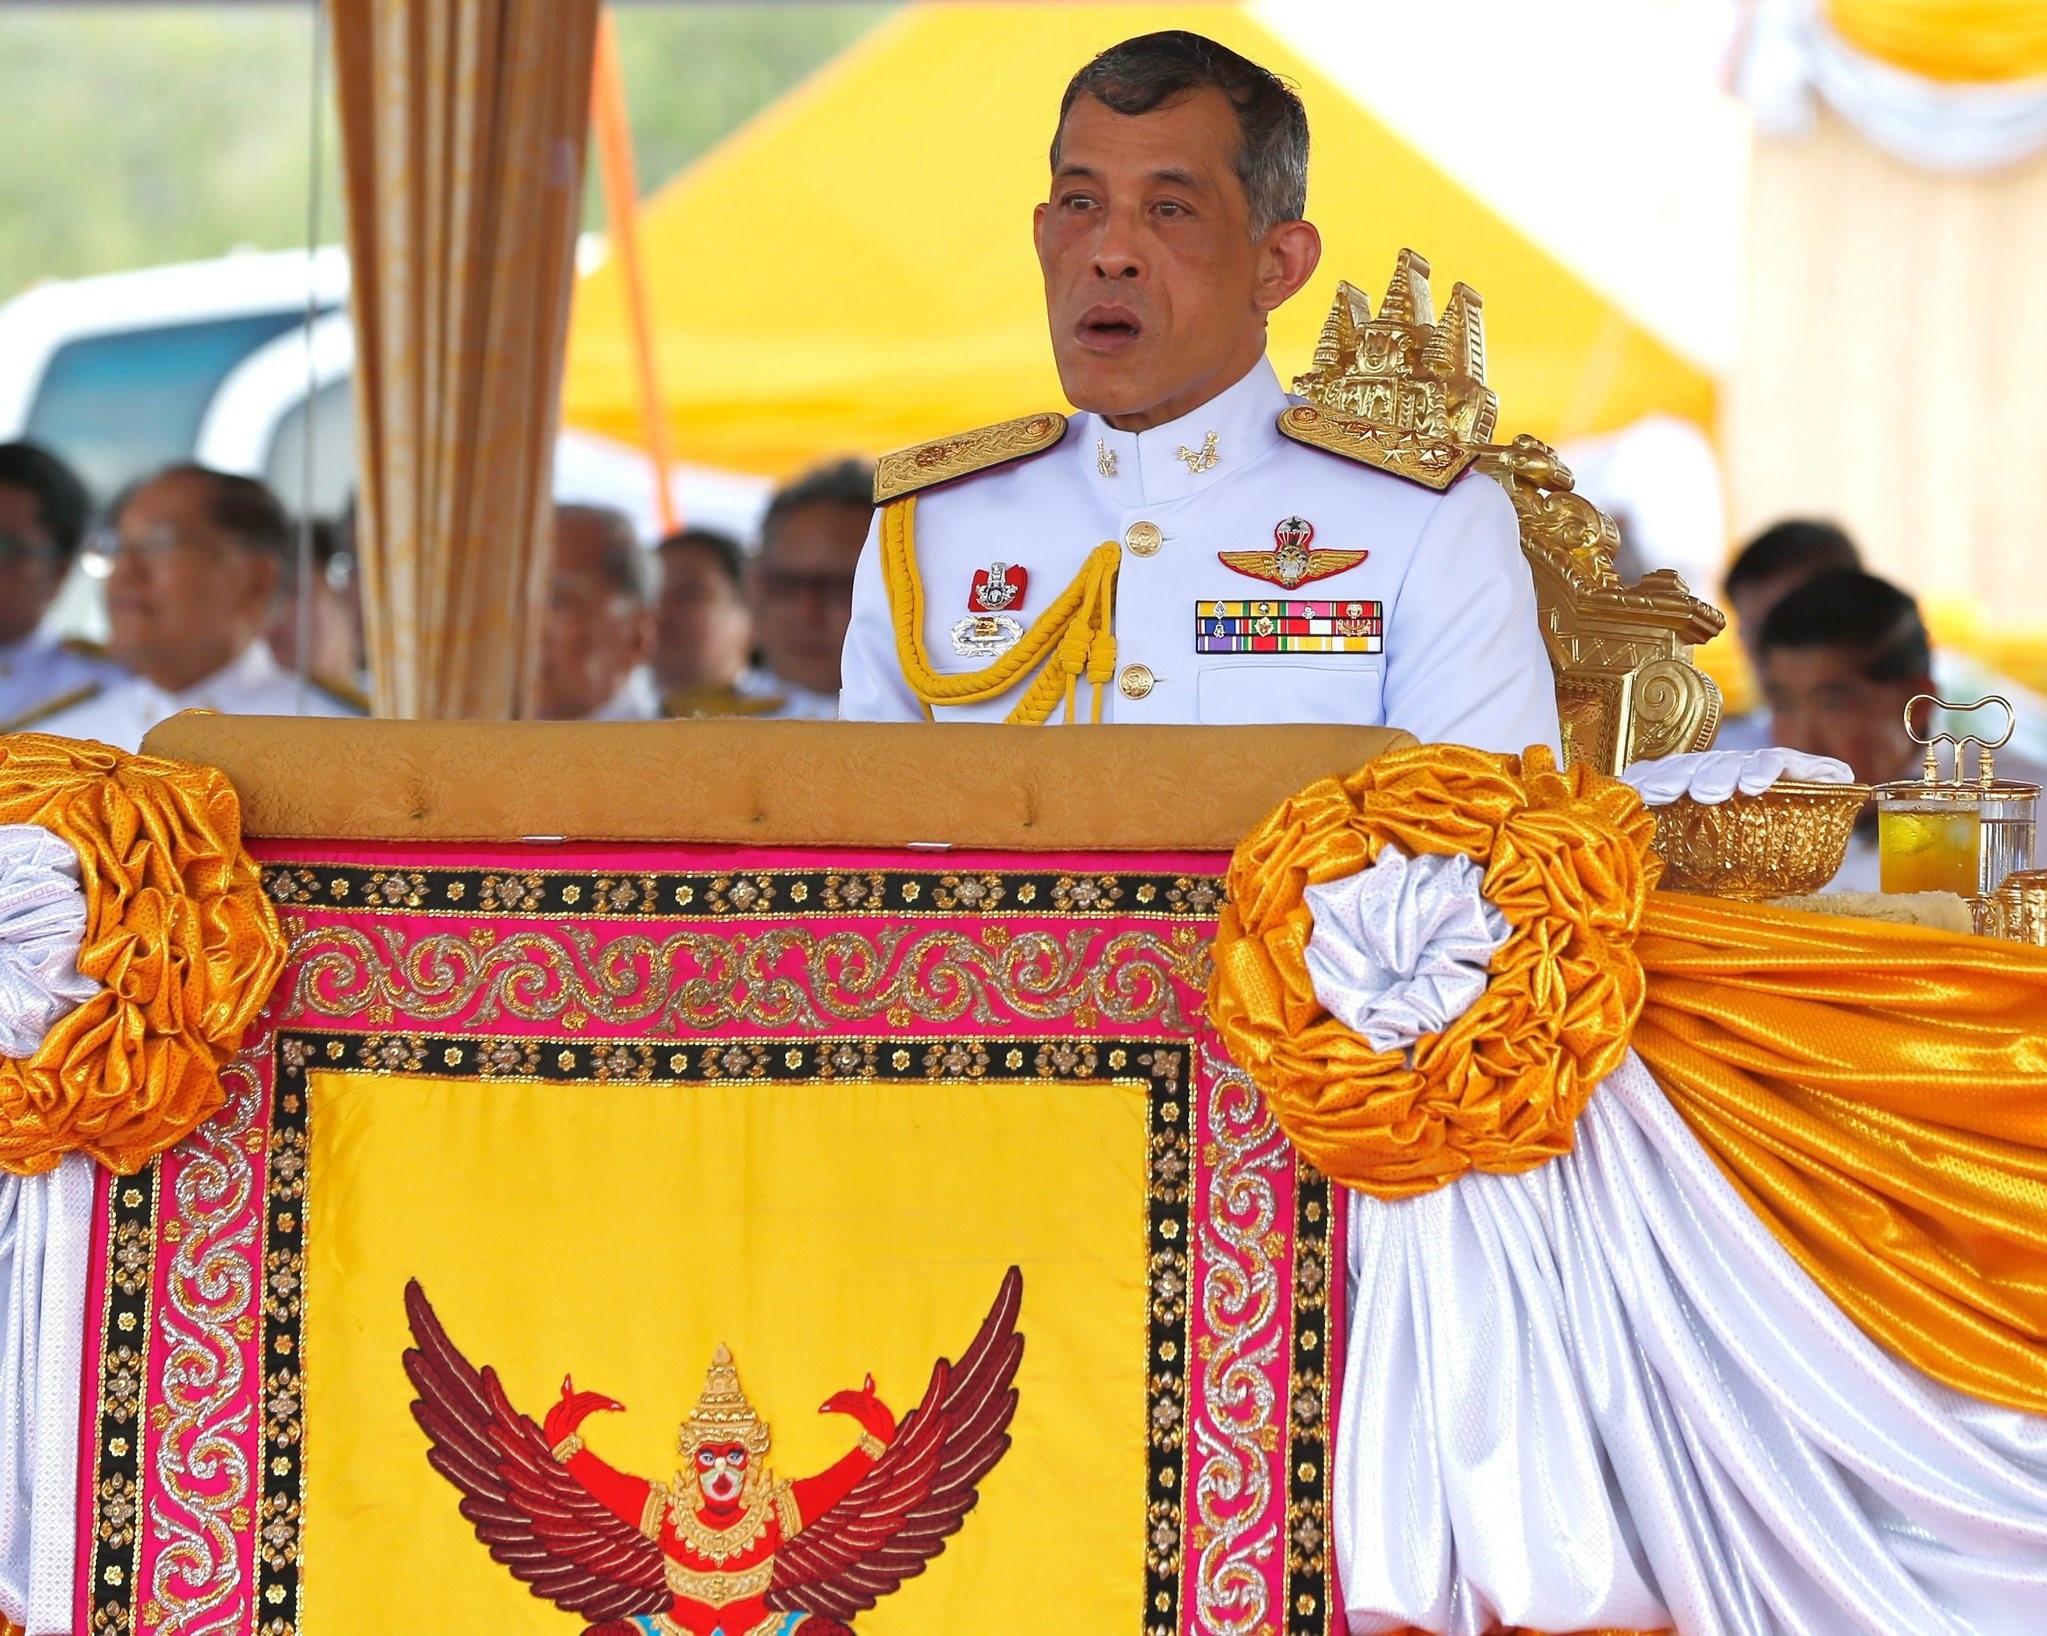 Thai Crown Prince Maha Vajiralongkorn presiding over the Royal Ploughing ceremony at Sanam Luang in Bangkok, Thailand. (EPA Photo)